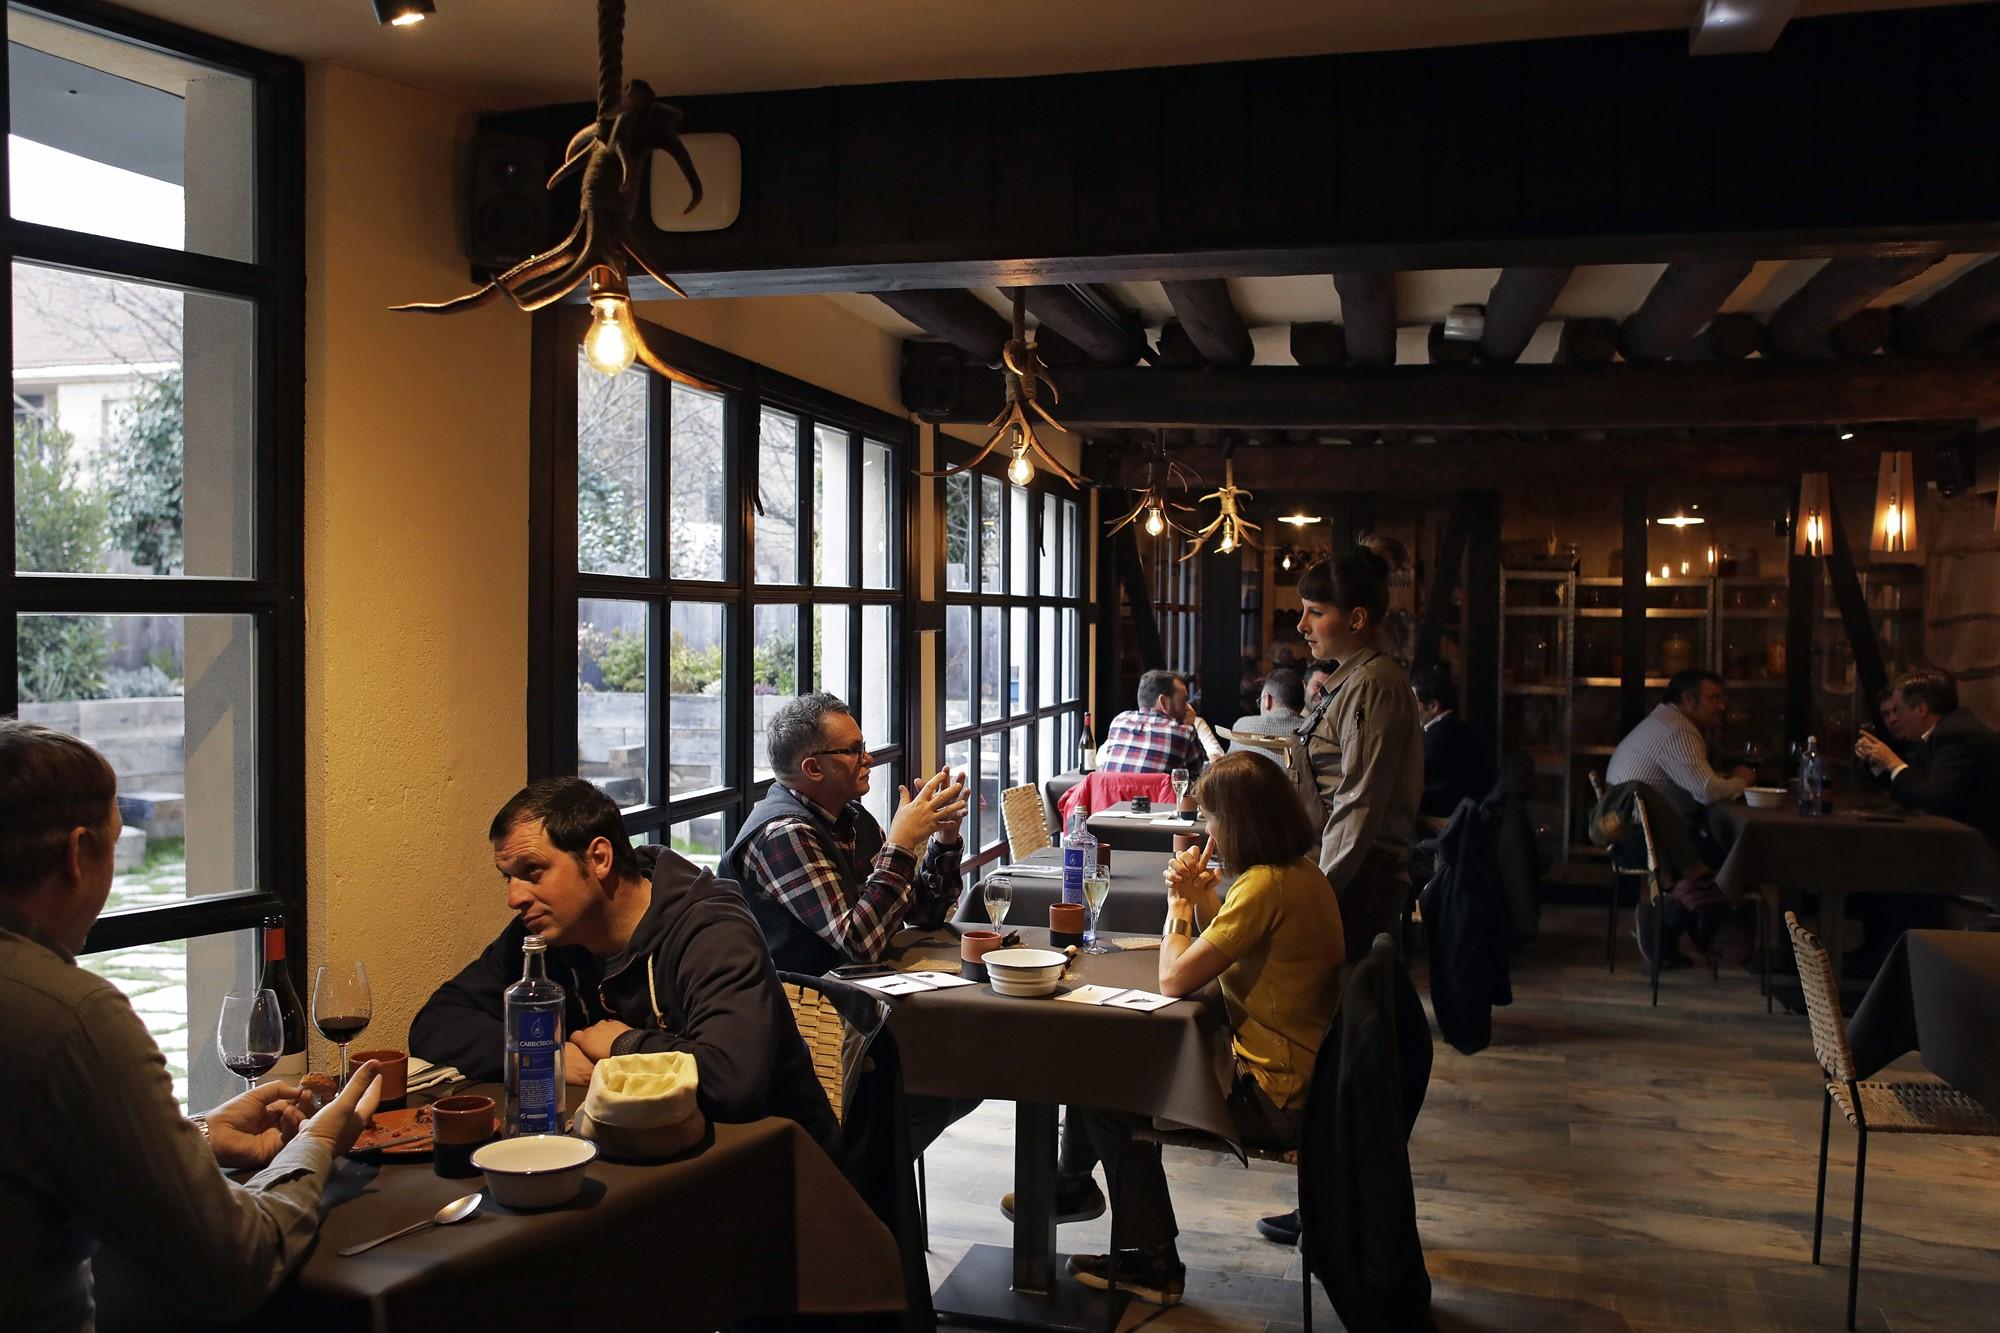 La respuesta ante la apertura del local ha sido muy positiva: el comedor se llena cada día.